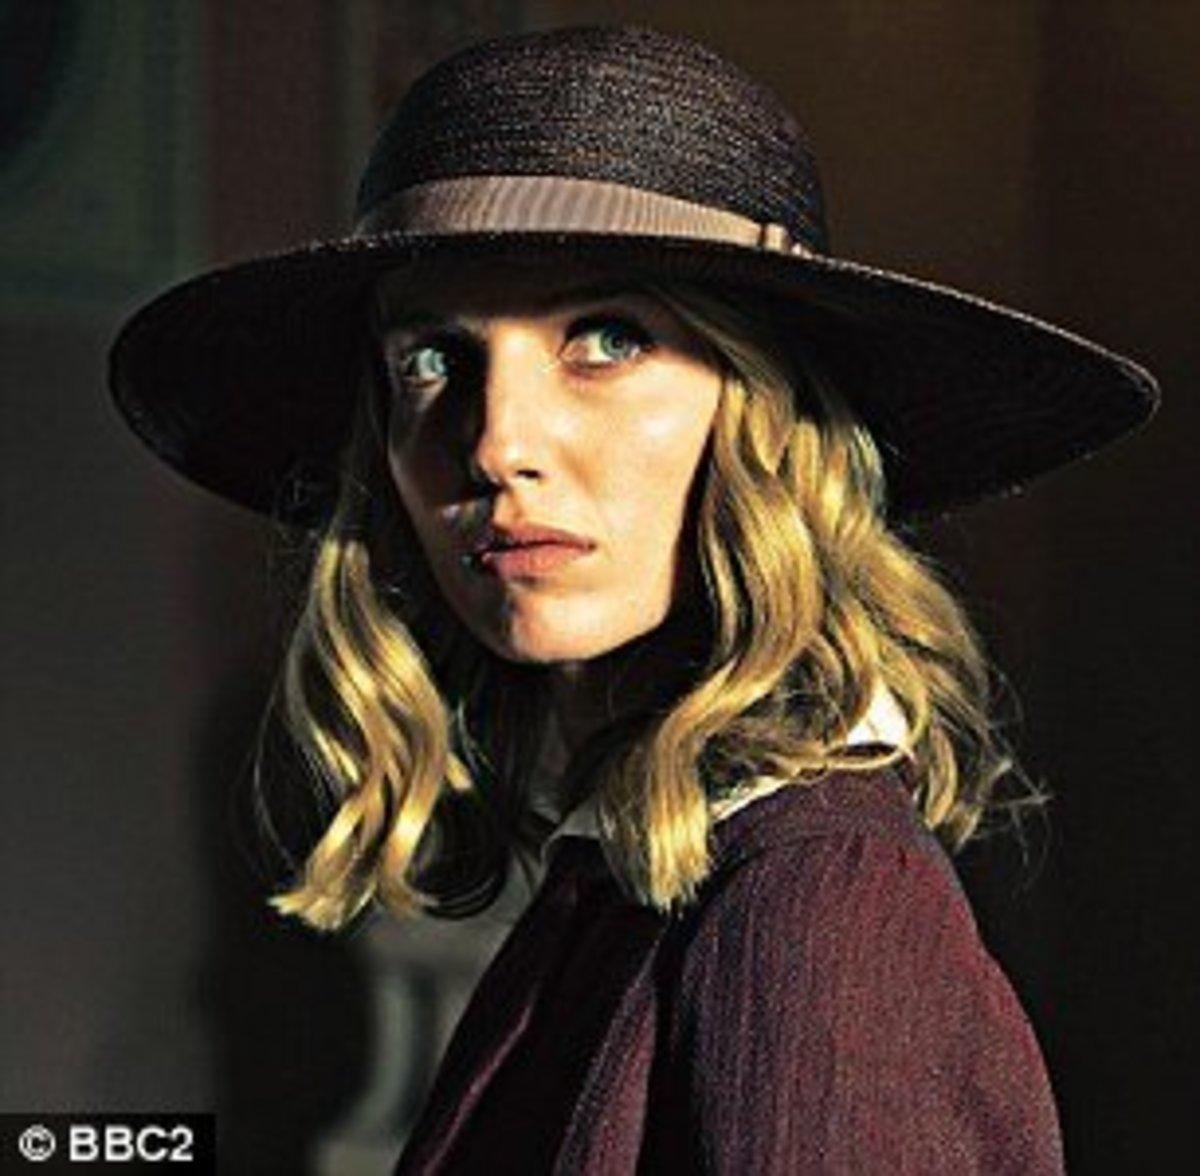 Peaky Blinder S Grace Burgess Annabelle Wallis Hair